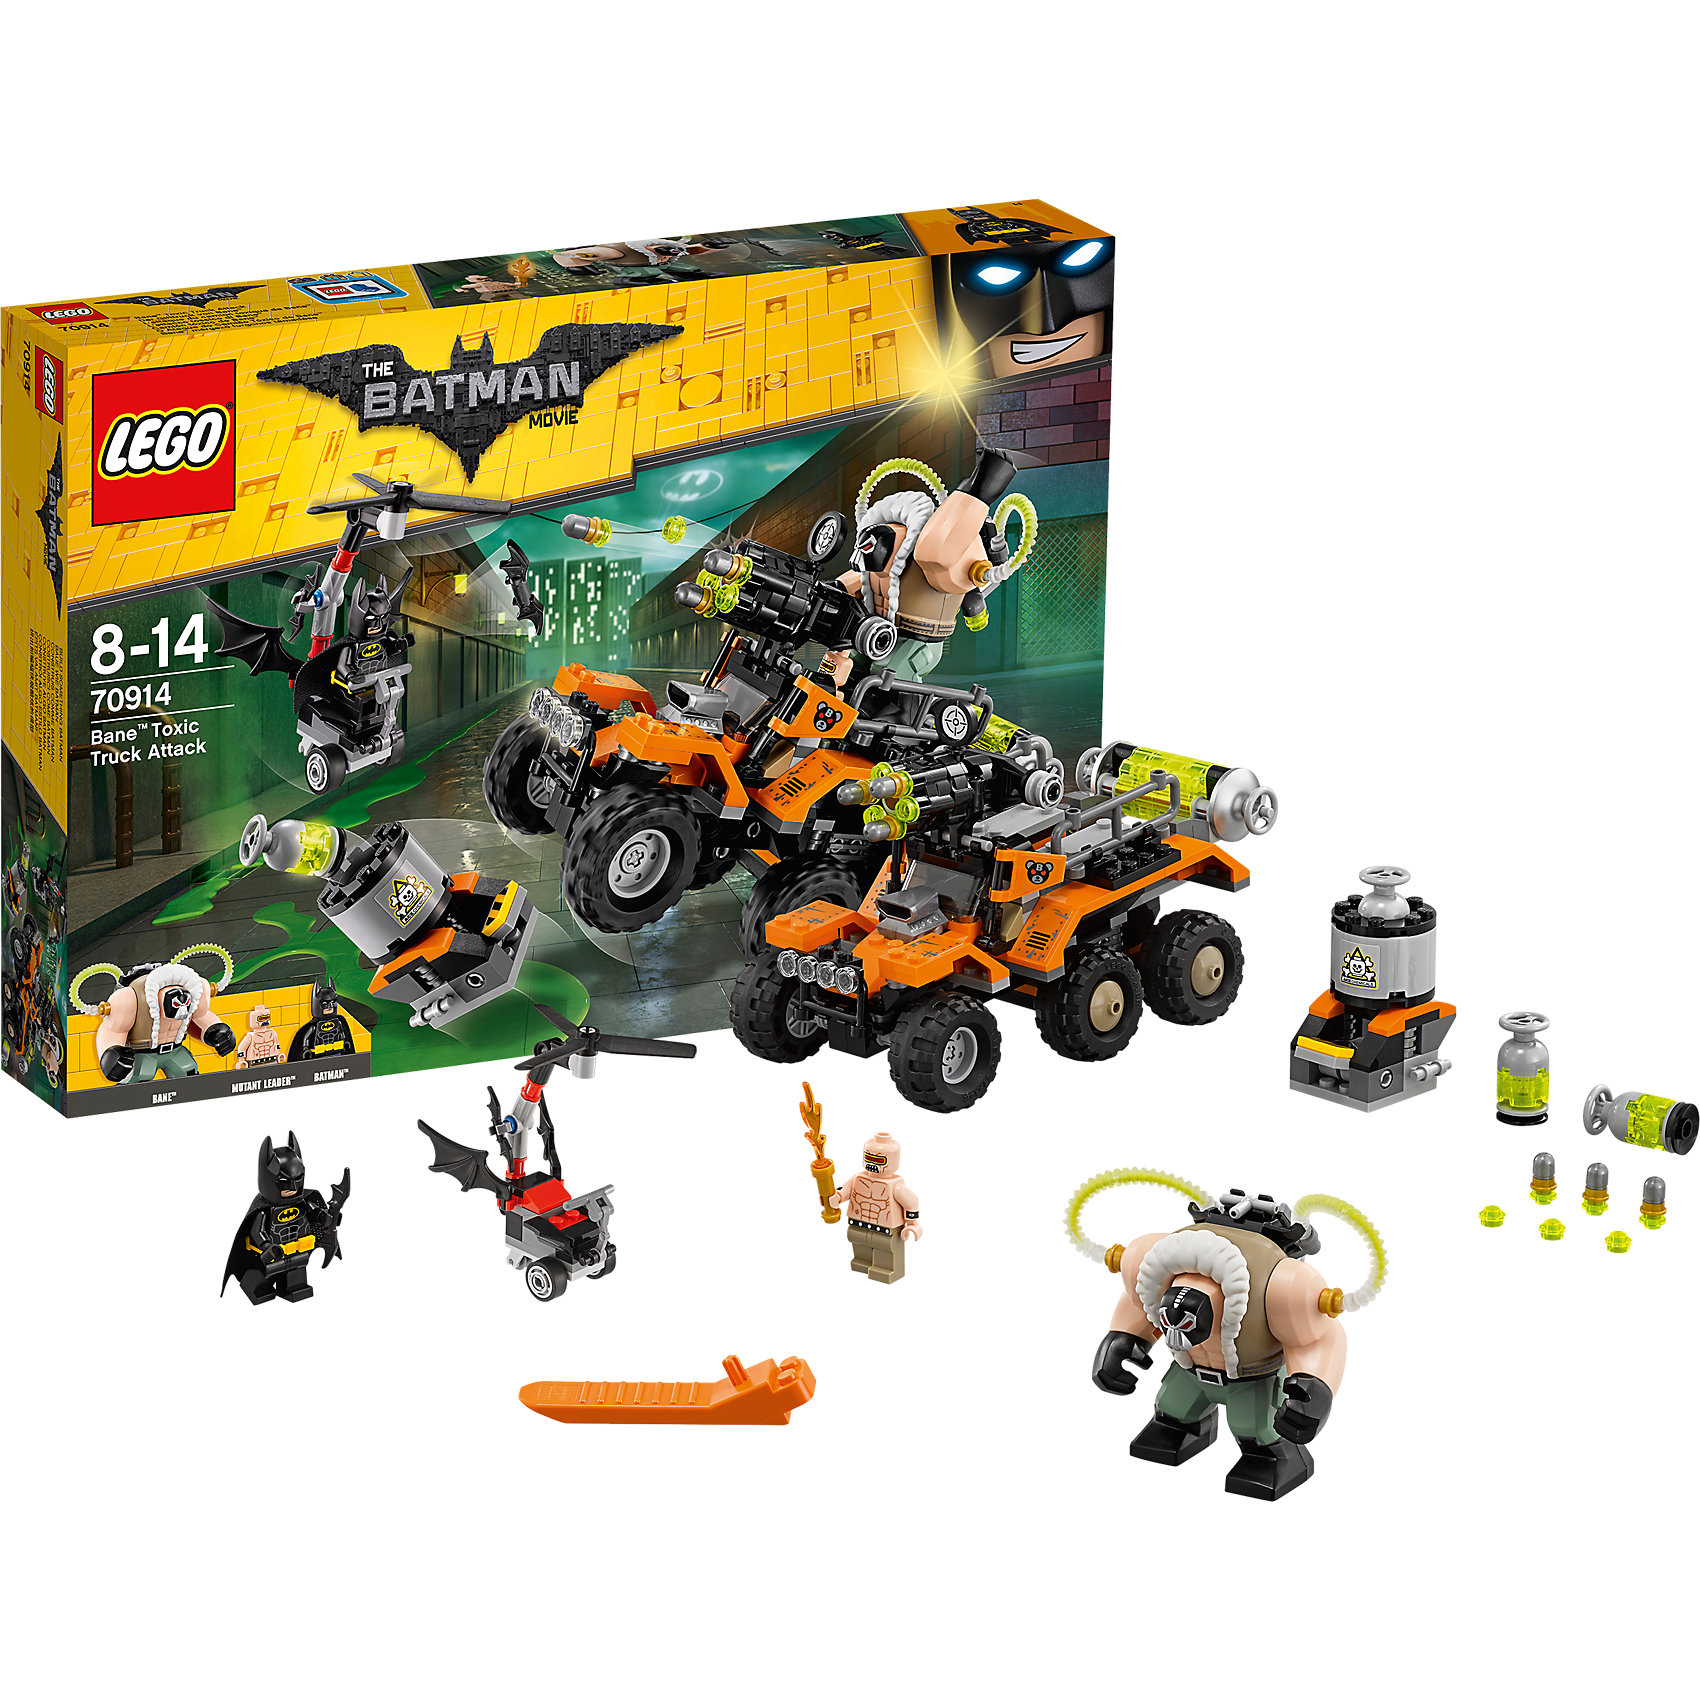 LEGO Batman Movie 70914: Химическая атака БэйнаКонструкторы Лего<br>Характеристики товара: <br><br>• возраст: от 8 лет;<br>• материал: пластик;<br>• в комплекте: 366 деталей, 3 минифигурки;<br>• размер упаковки: 38,2х26,2х5,7 см;<br>• вес упаковки: 585 гр.;<br>• страна производитель: Китай.<br><br>Конструктор Lego Batman Movie «Химическая атака Бейна» из серии Lego Batman, посвященной известному супергерою. Бейн — один из самых опасных противников. На своем вездеходе он везет химическое оружие, которое готовится распылить в городе. Бэтмен же должен помешать Бейну. У него есть свое транспортное средство, которое может перемещаться по земле и летать по воздуху. <br><br>Конструктор Lego Batman Movie «Химическая атака Бейна» можно приобрести в нашем интернет-магазине.<br><br>Ширина мм: 382<br>Глубина мм: 266<br>Высота мм: 63<br>Вес г: 585<br>Возраст от месяцев: 96<br>Возраст до месяцев: 168<br>Пол: Мужской<br>Возраст: Детский<br>SKU: 5620008